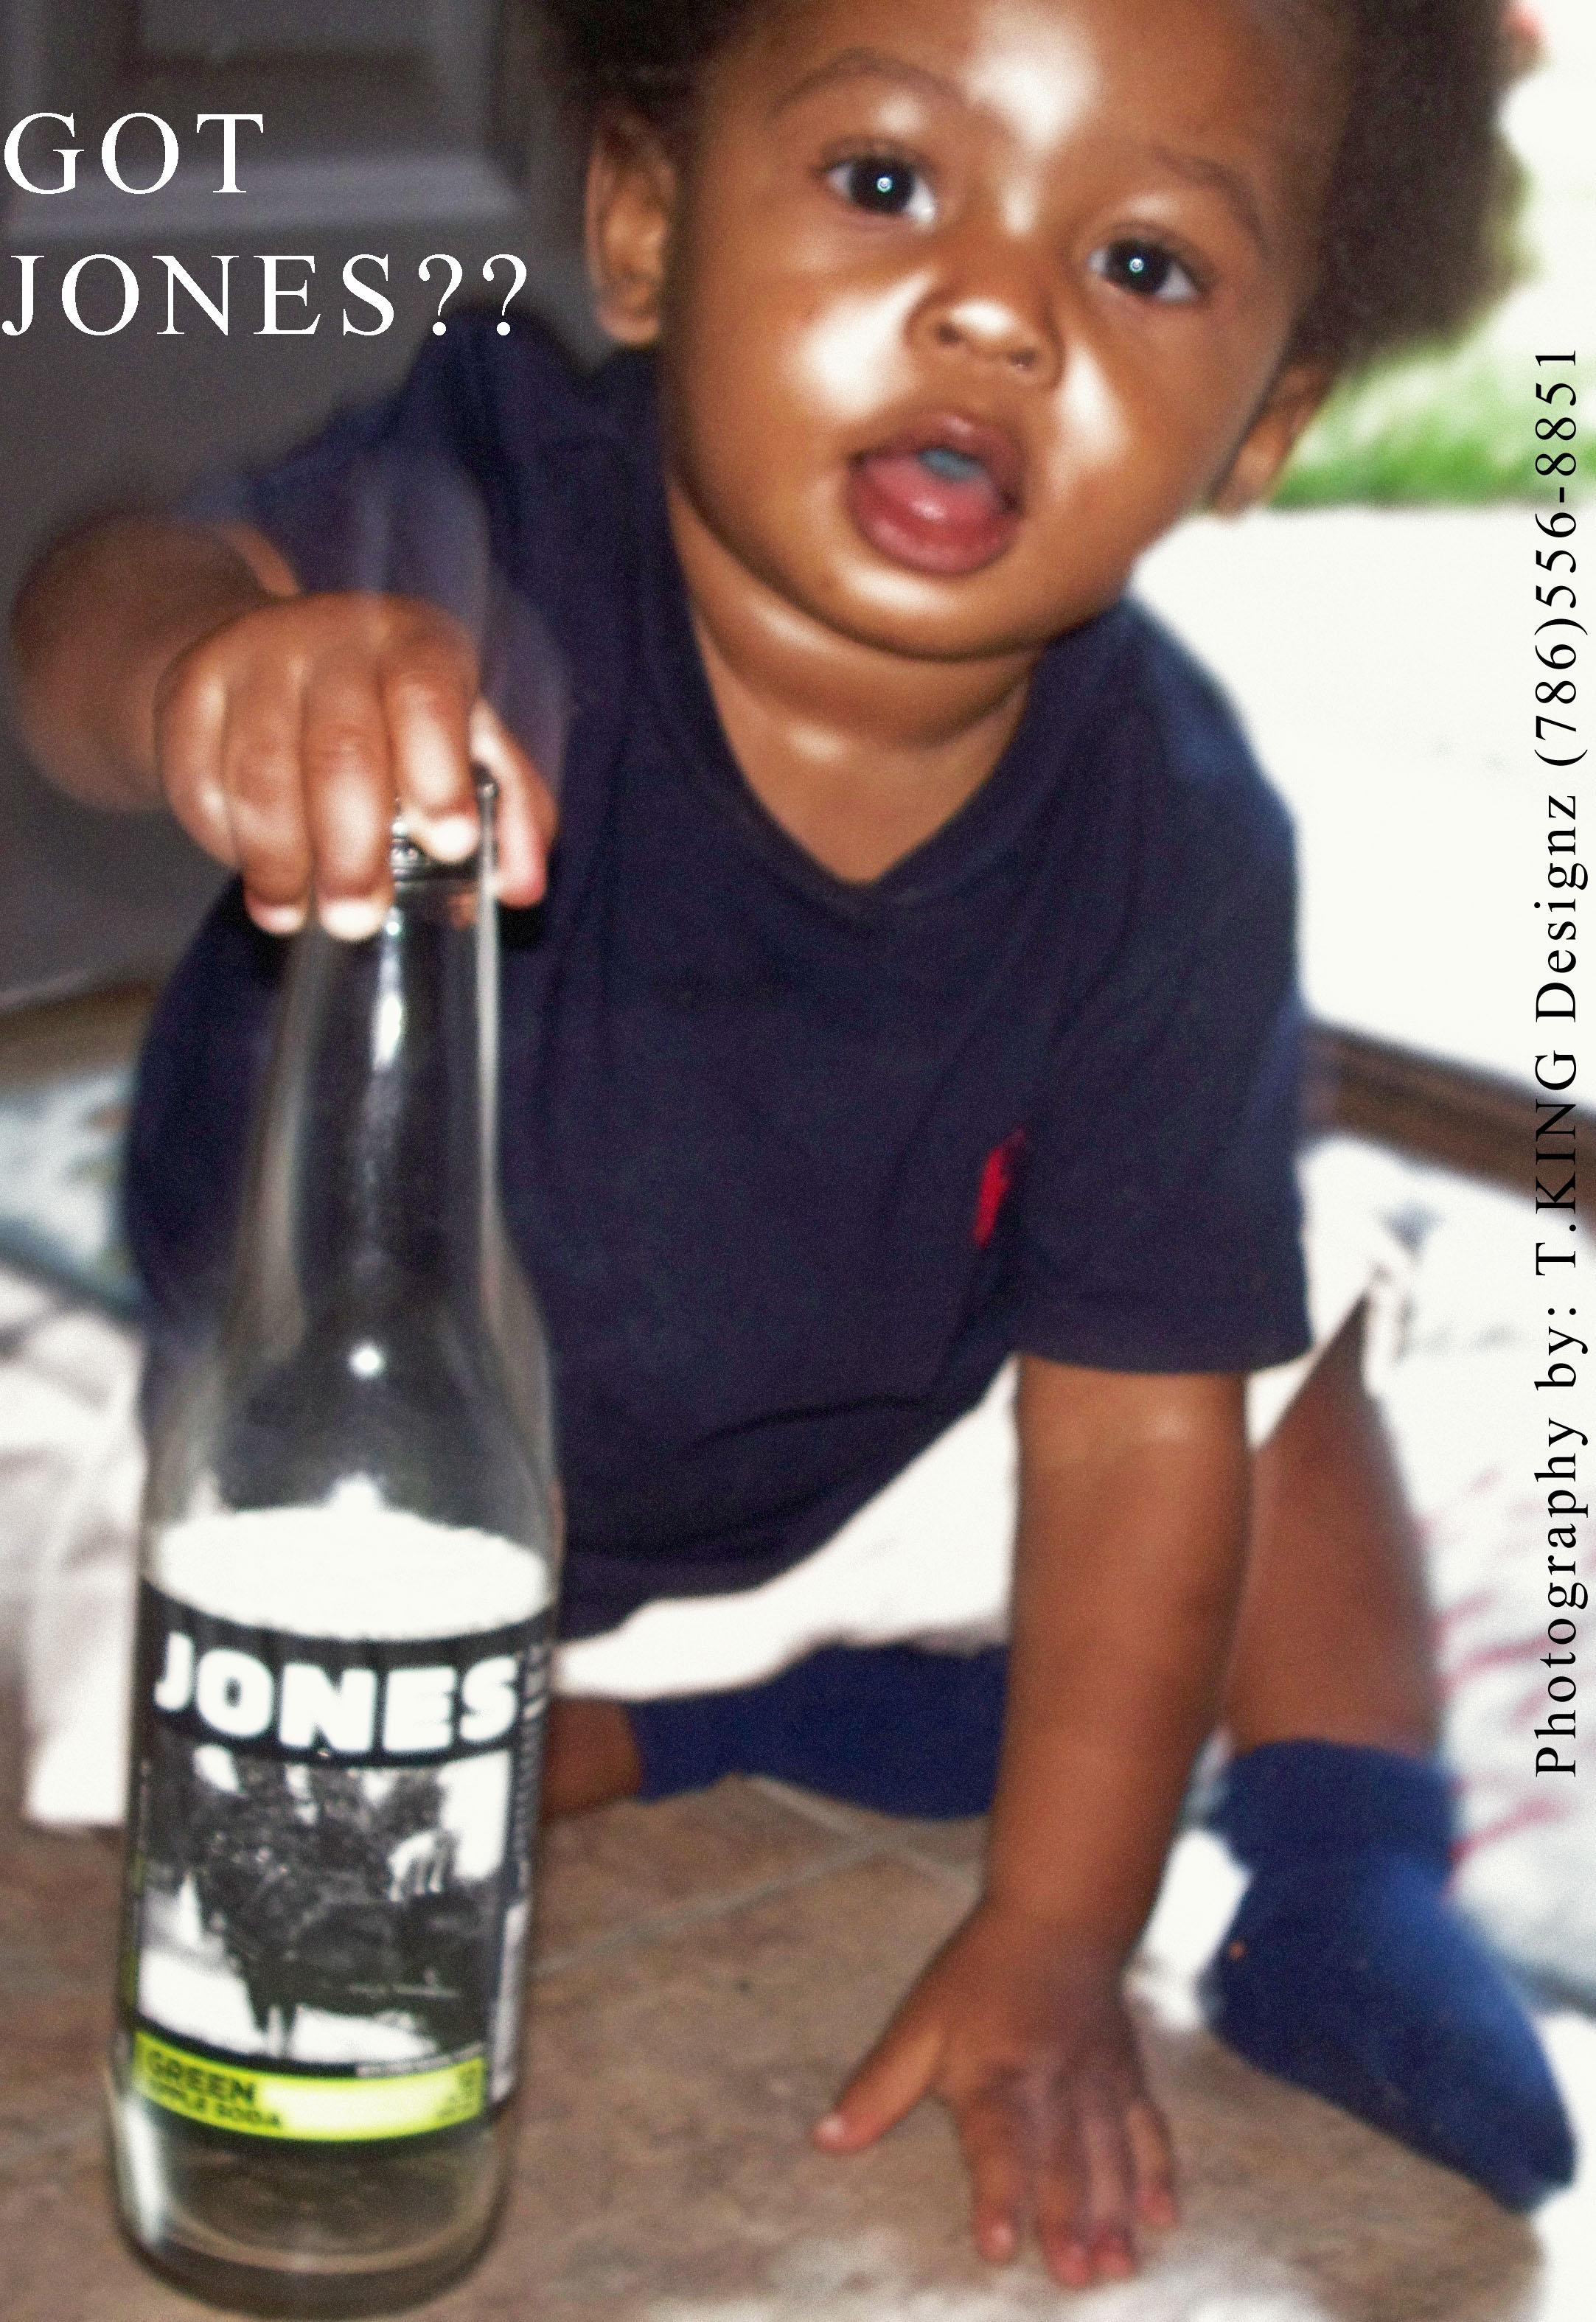 Got Jones